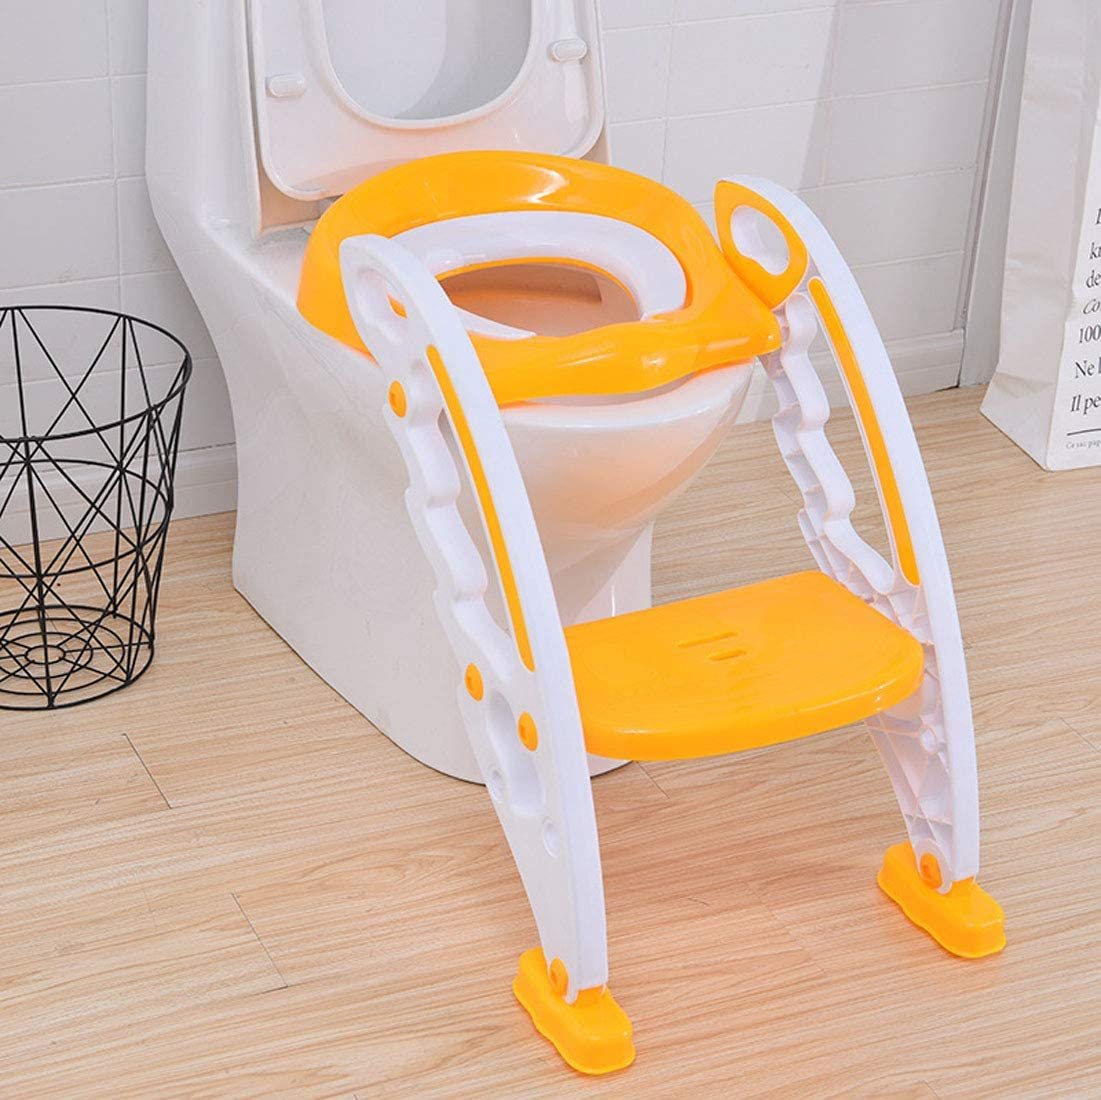 KUANDARYJ Aseo Escalera Asiento Escalera del tocador de niños Asiento para WC con escalón Plegable Orinal Formación Color Azul, Orange: Amazon.es: Deportes y aire libre